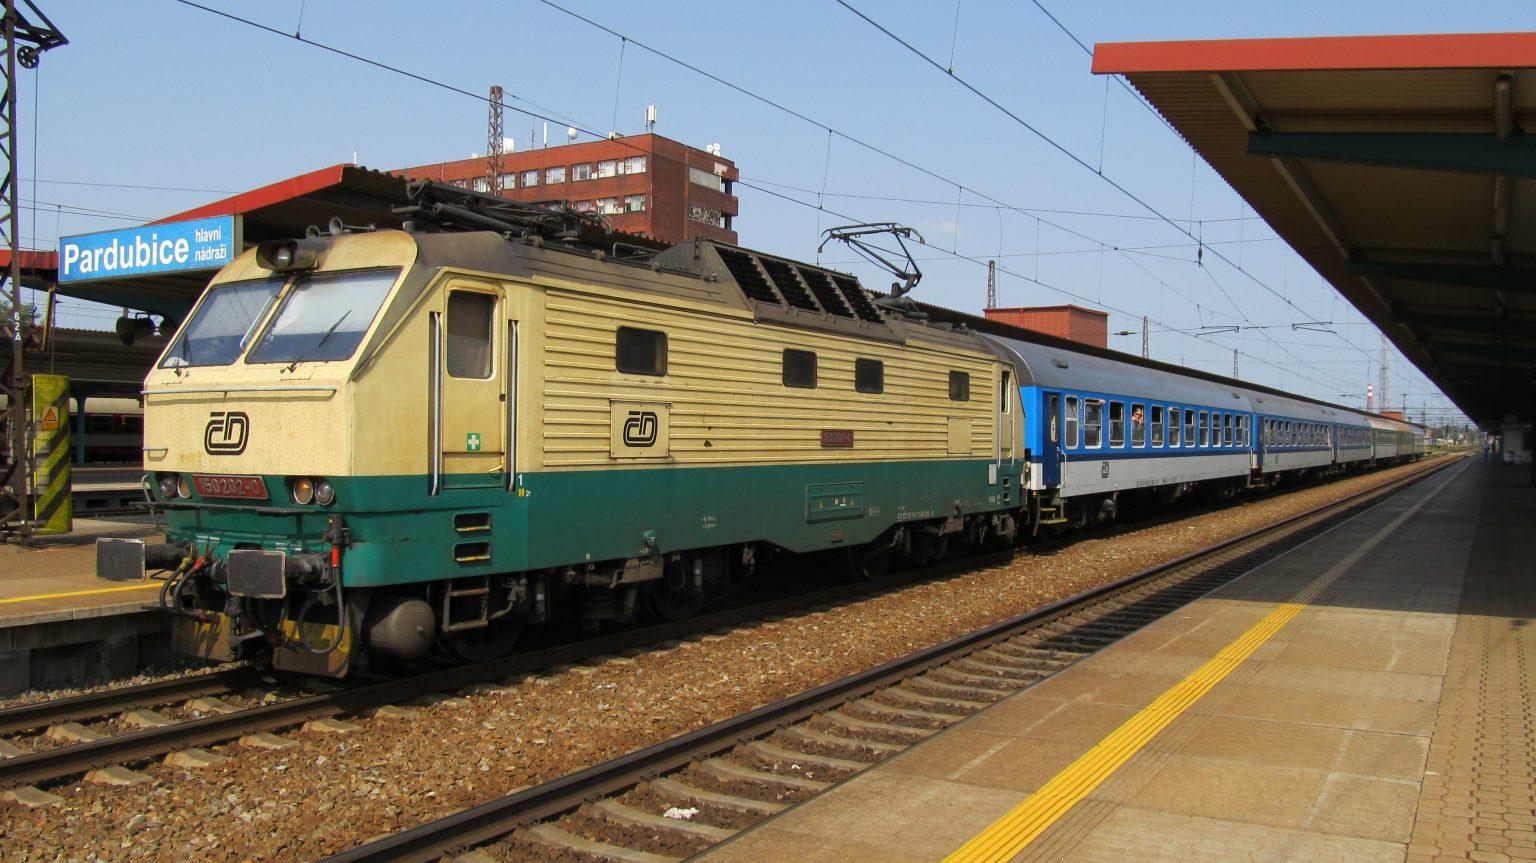 Zavedení elektrických lokomotiv je inovace. Jejich provoz, na rozdíl od parních, neznečišťuje centra měst. Foto: Miroslav Tomeš, CC BY 3.0.